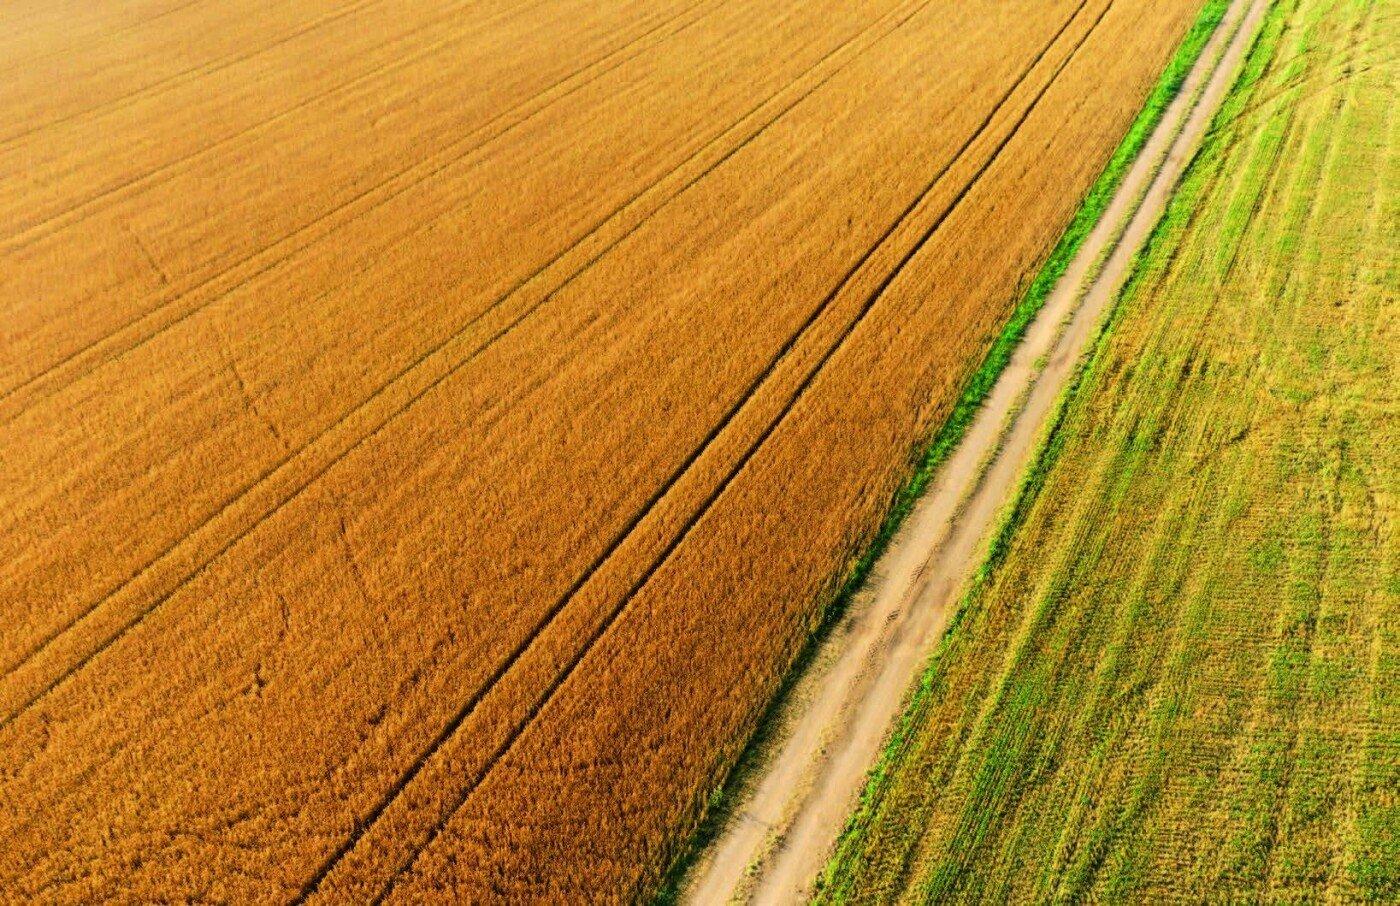 Прозорий земельний ринок проти корупції: як розвиватимуться села Київщини після скасування мораторію, фото-1